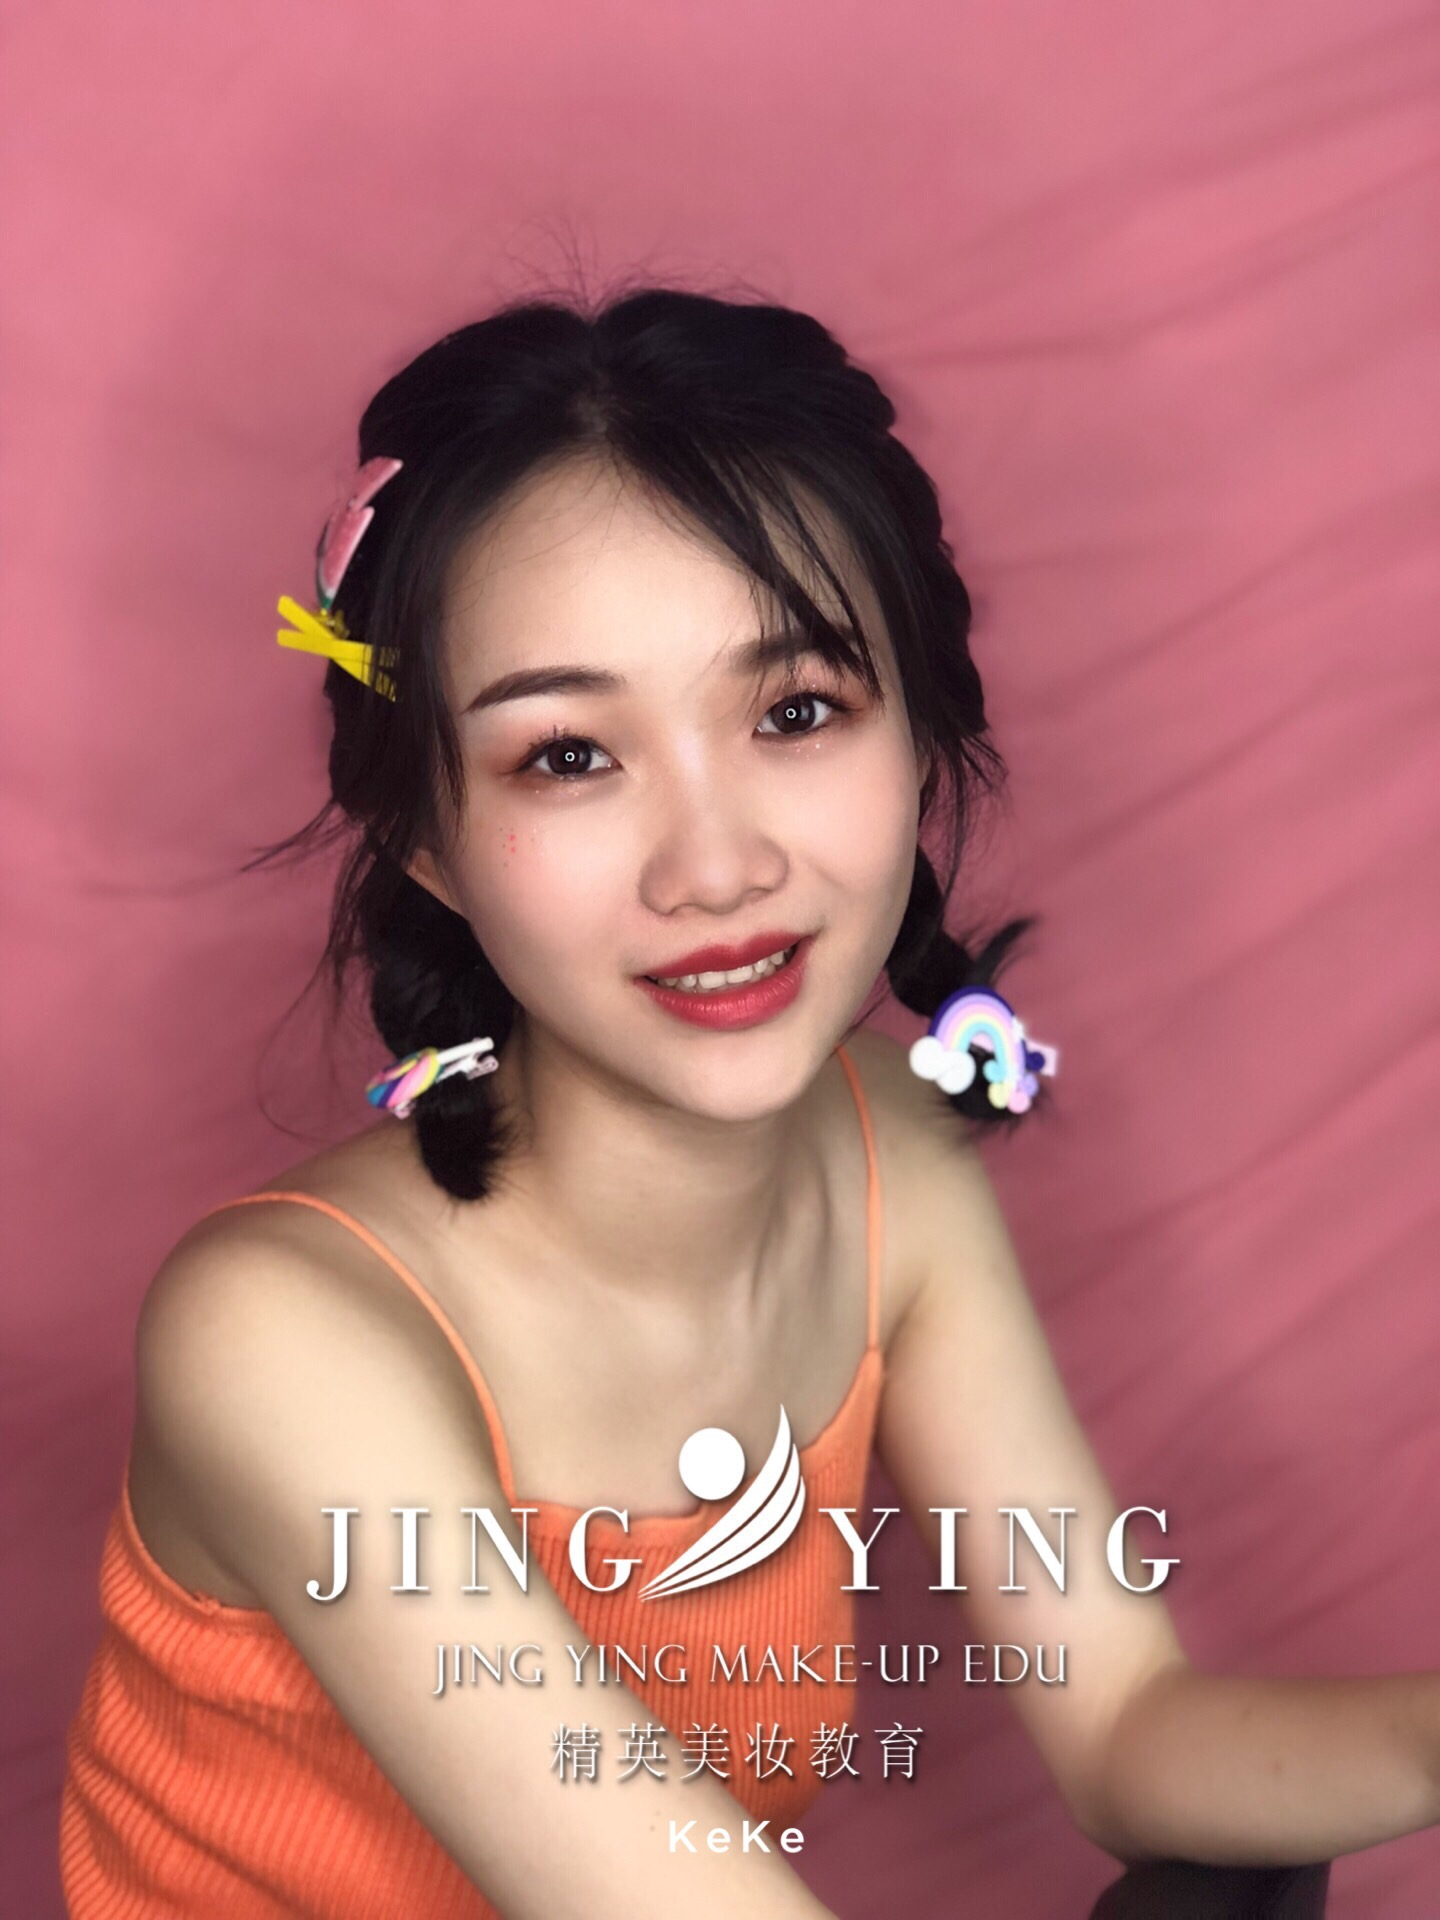 少女妆容造型化妆作品图片